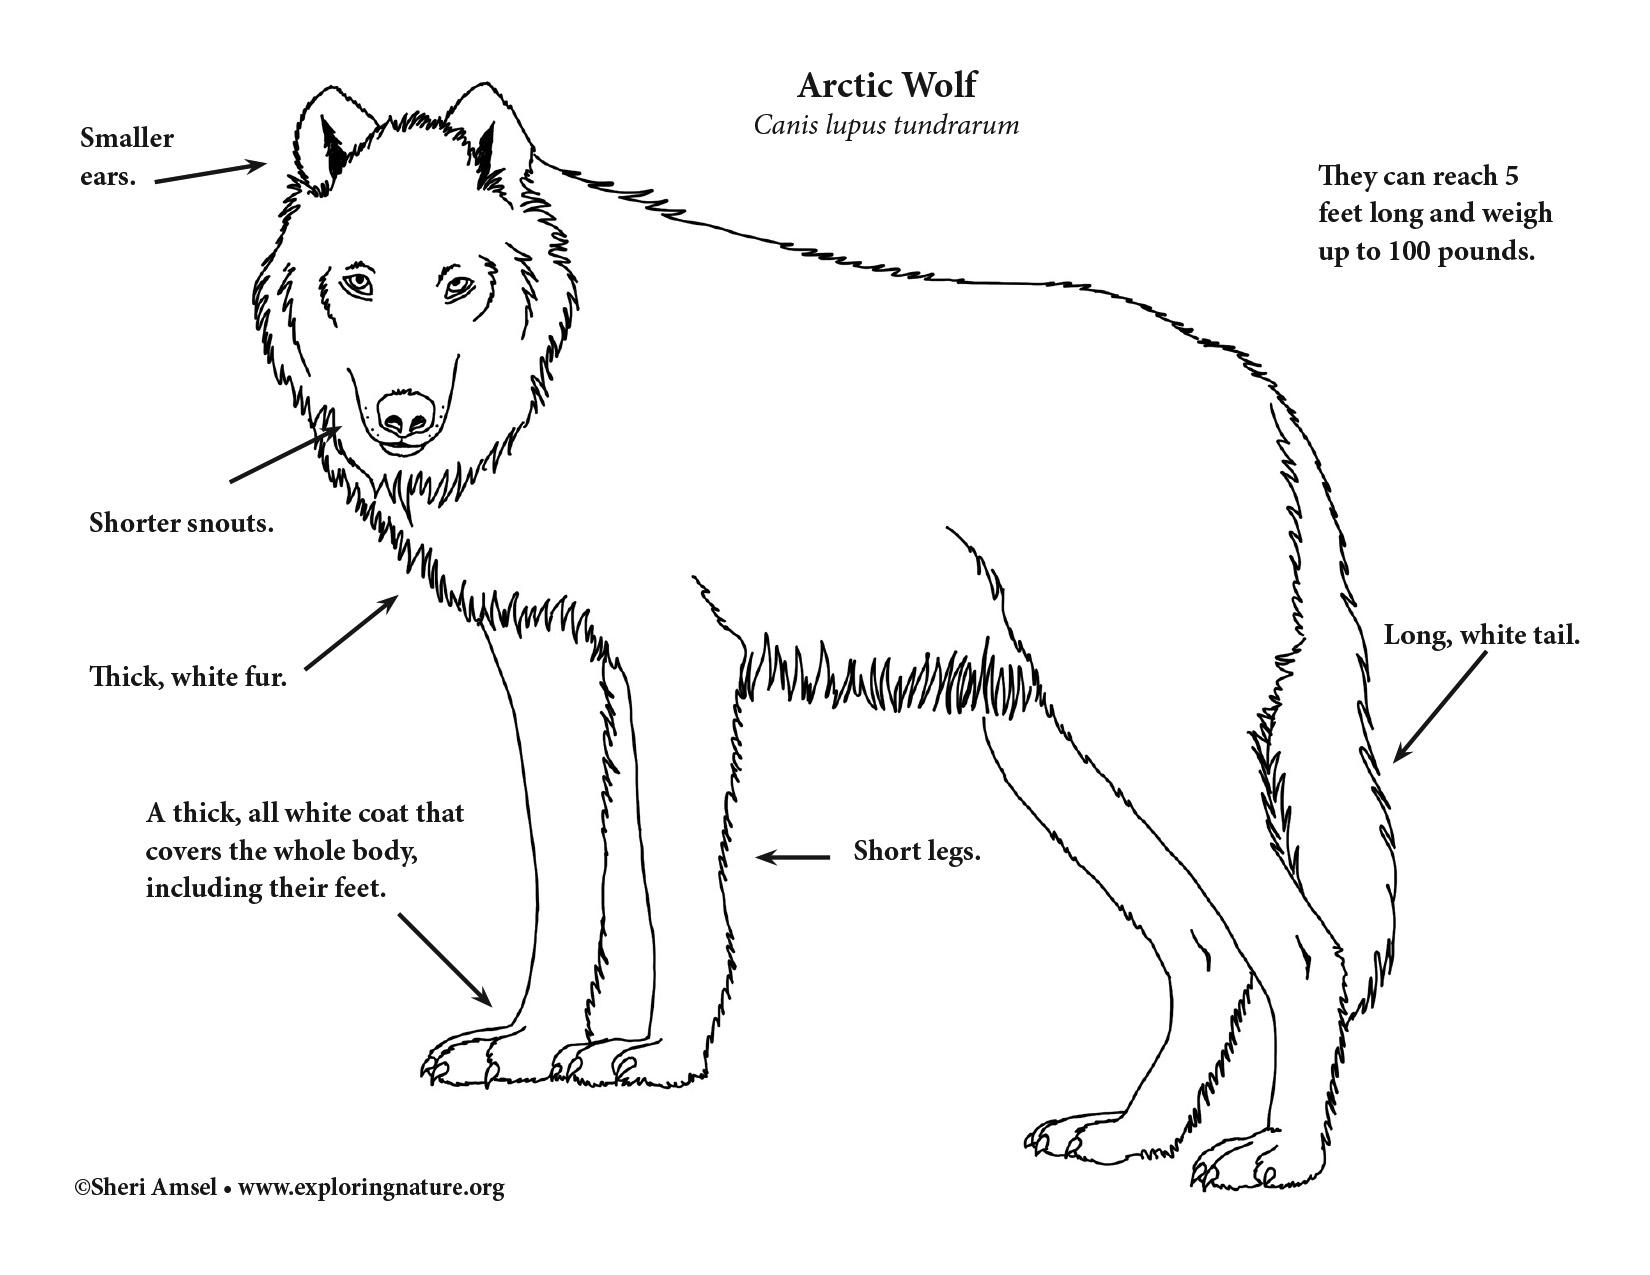 dog skeleton diagram labeled bmw e36 vacuum hose wolf (arctic)